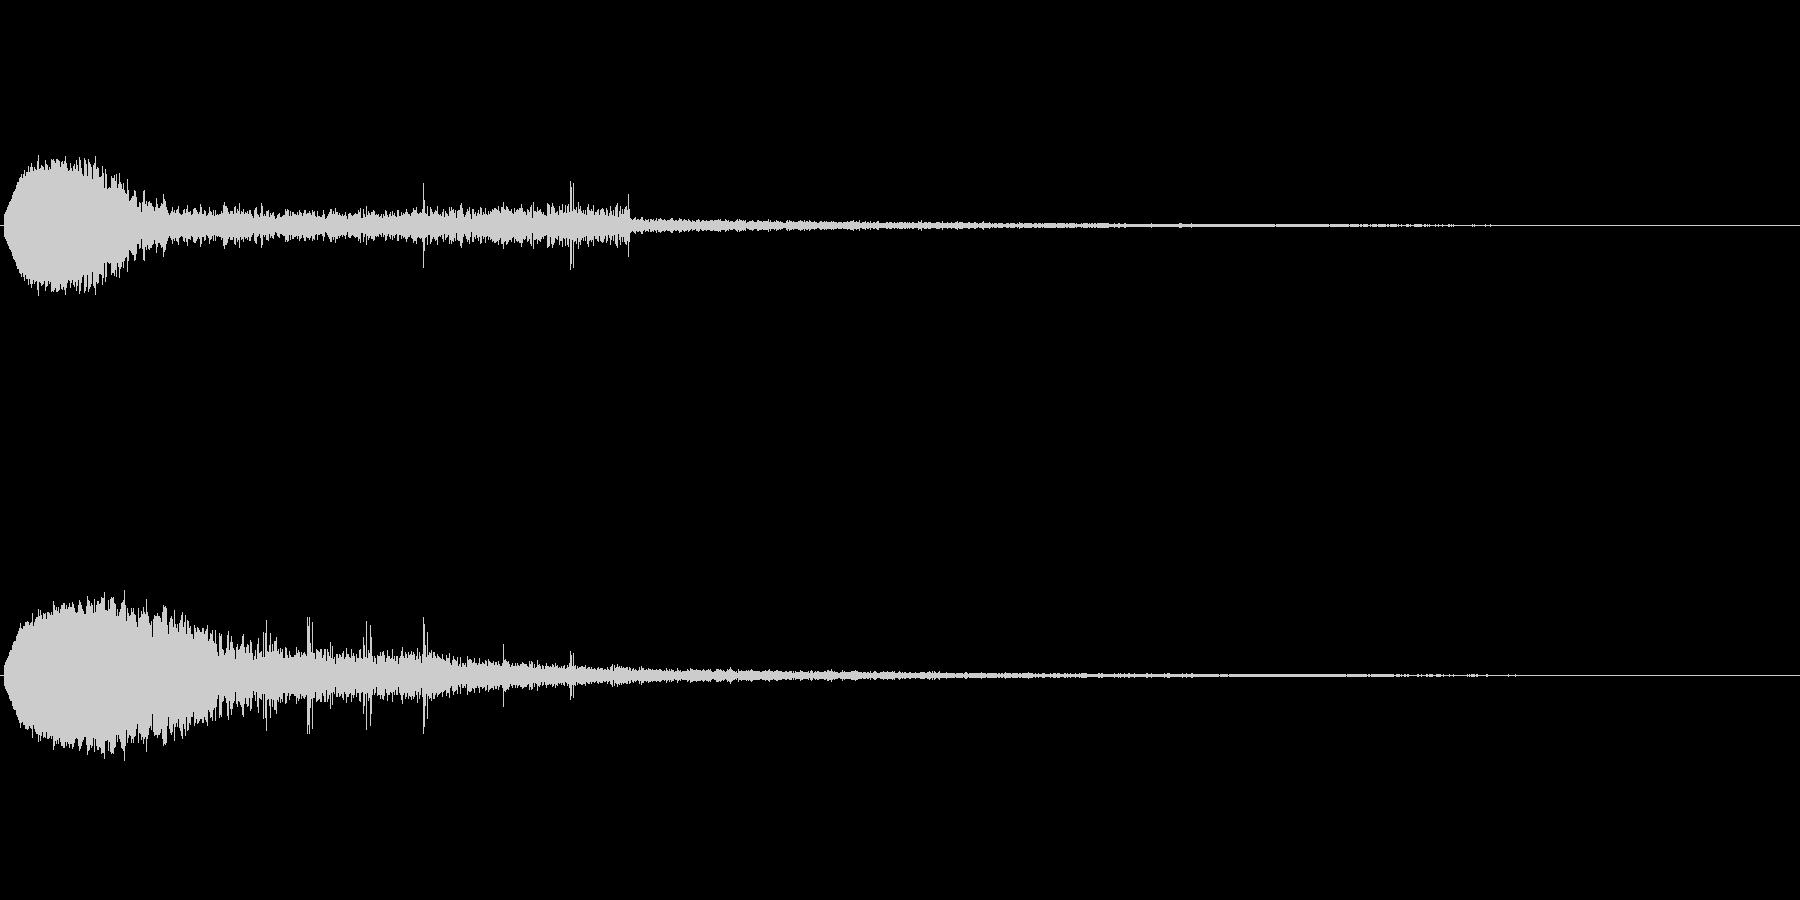 キュイーン(ゲーム・アプリ等の決定音)の未再生の波形